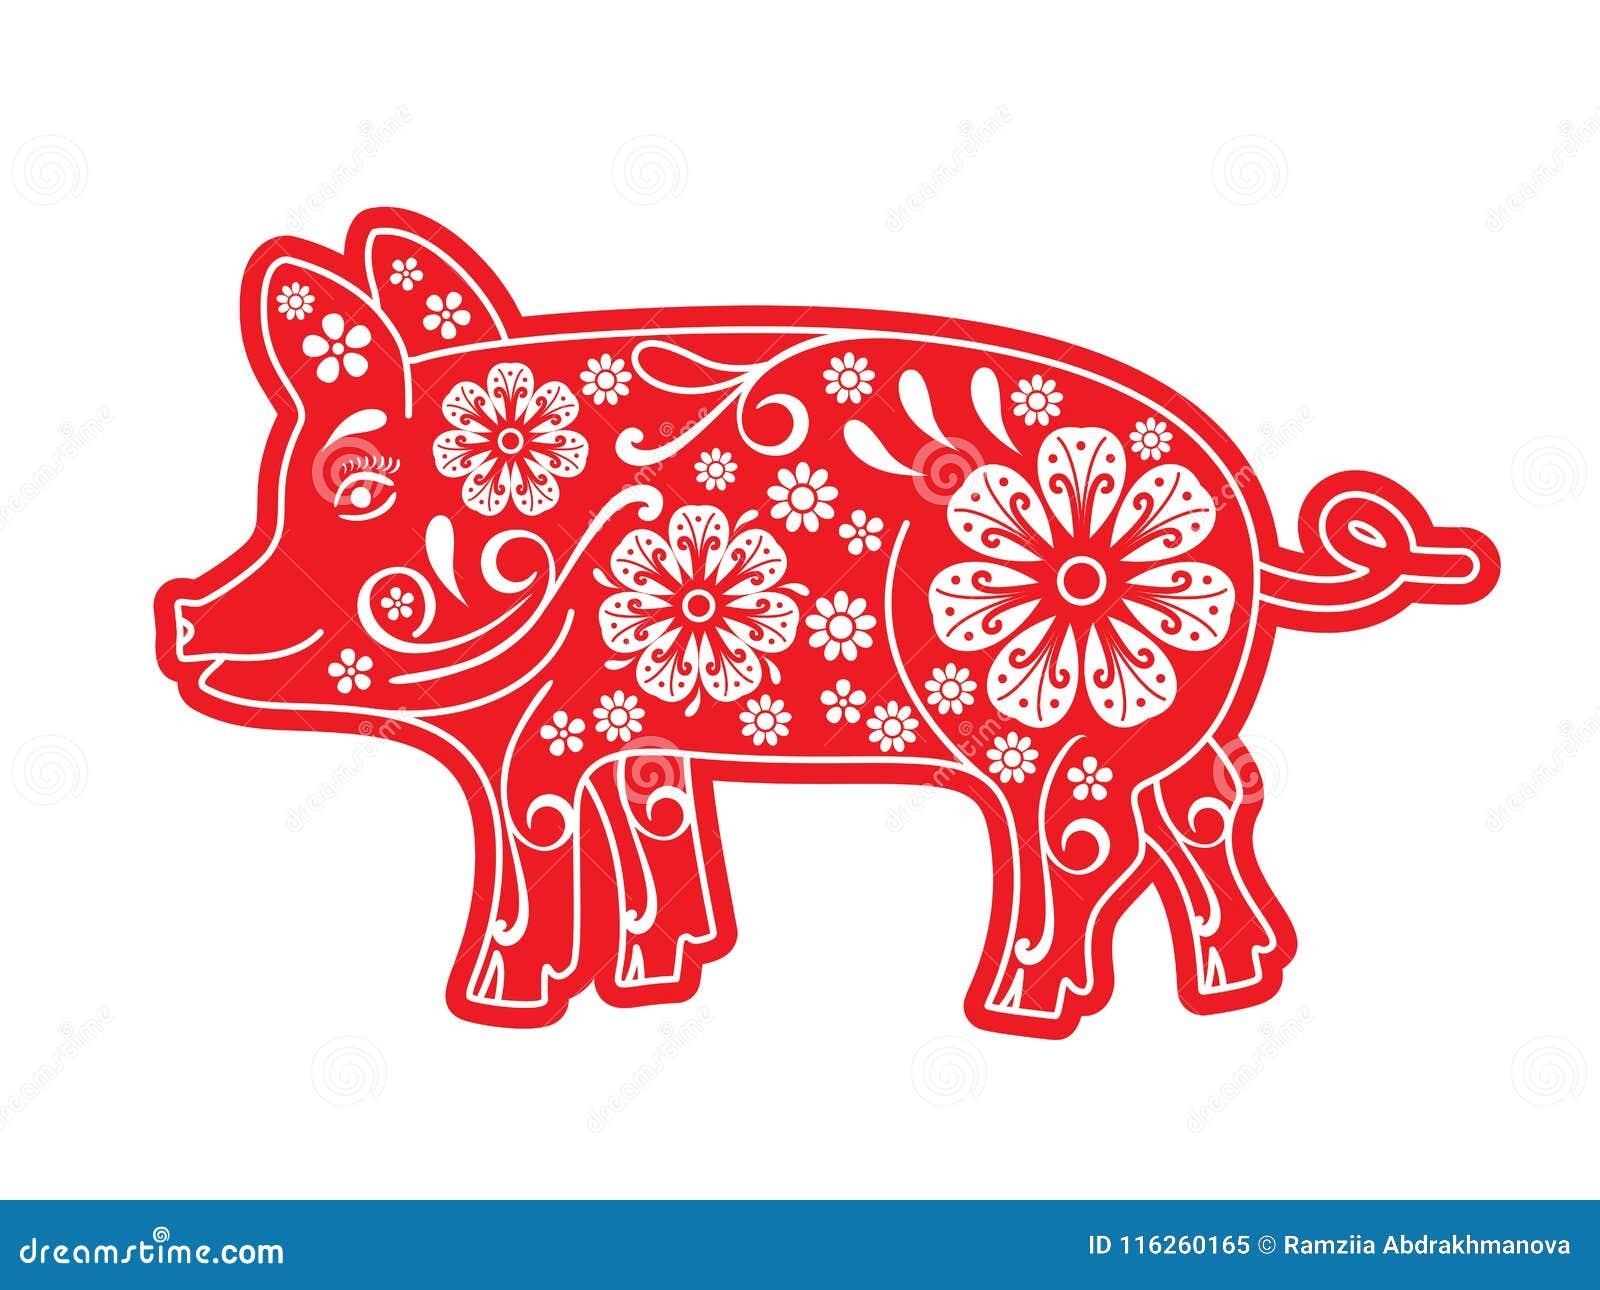 Rojo del cerdo, papel cortado, papiroflexia, flores, ornamento El cochinillo es un símbolo del Año Nuevo chino 2019, 2031 horosco